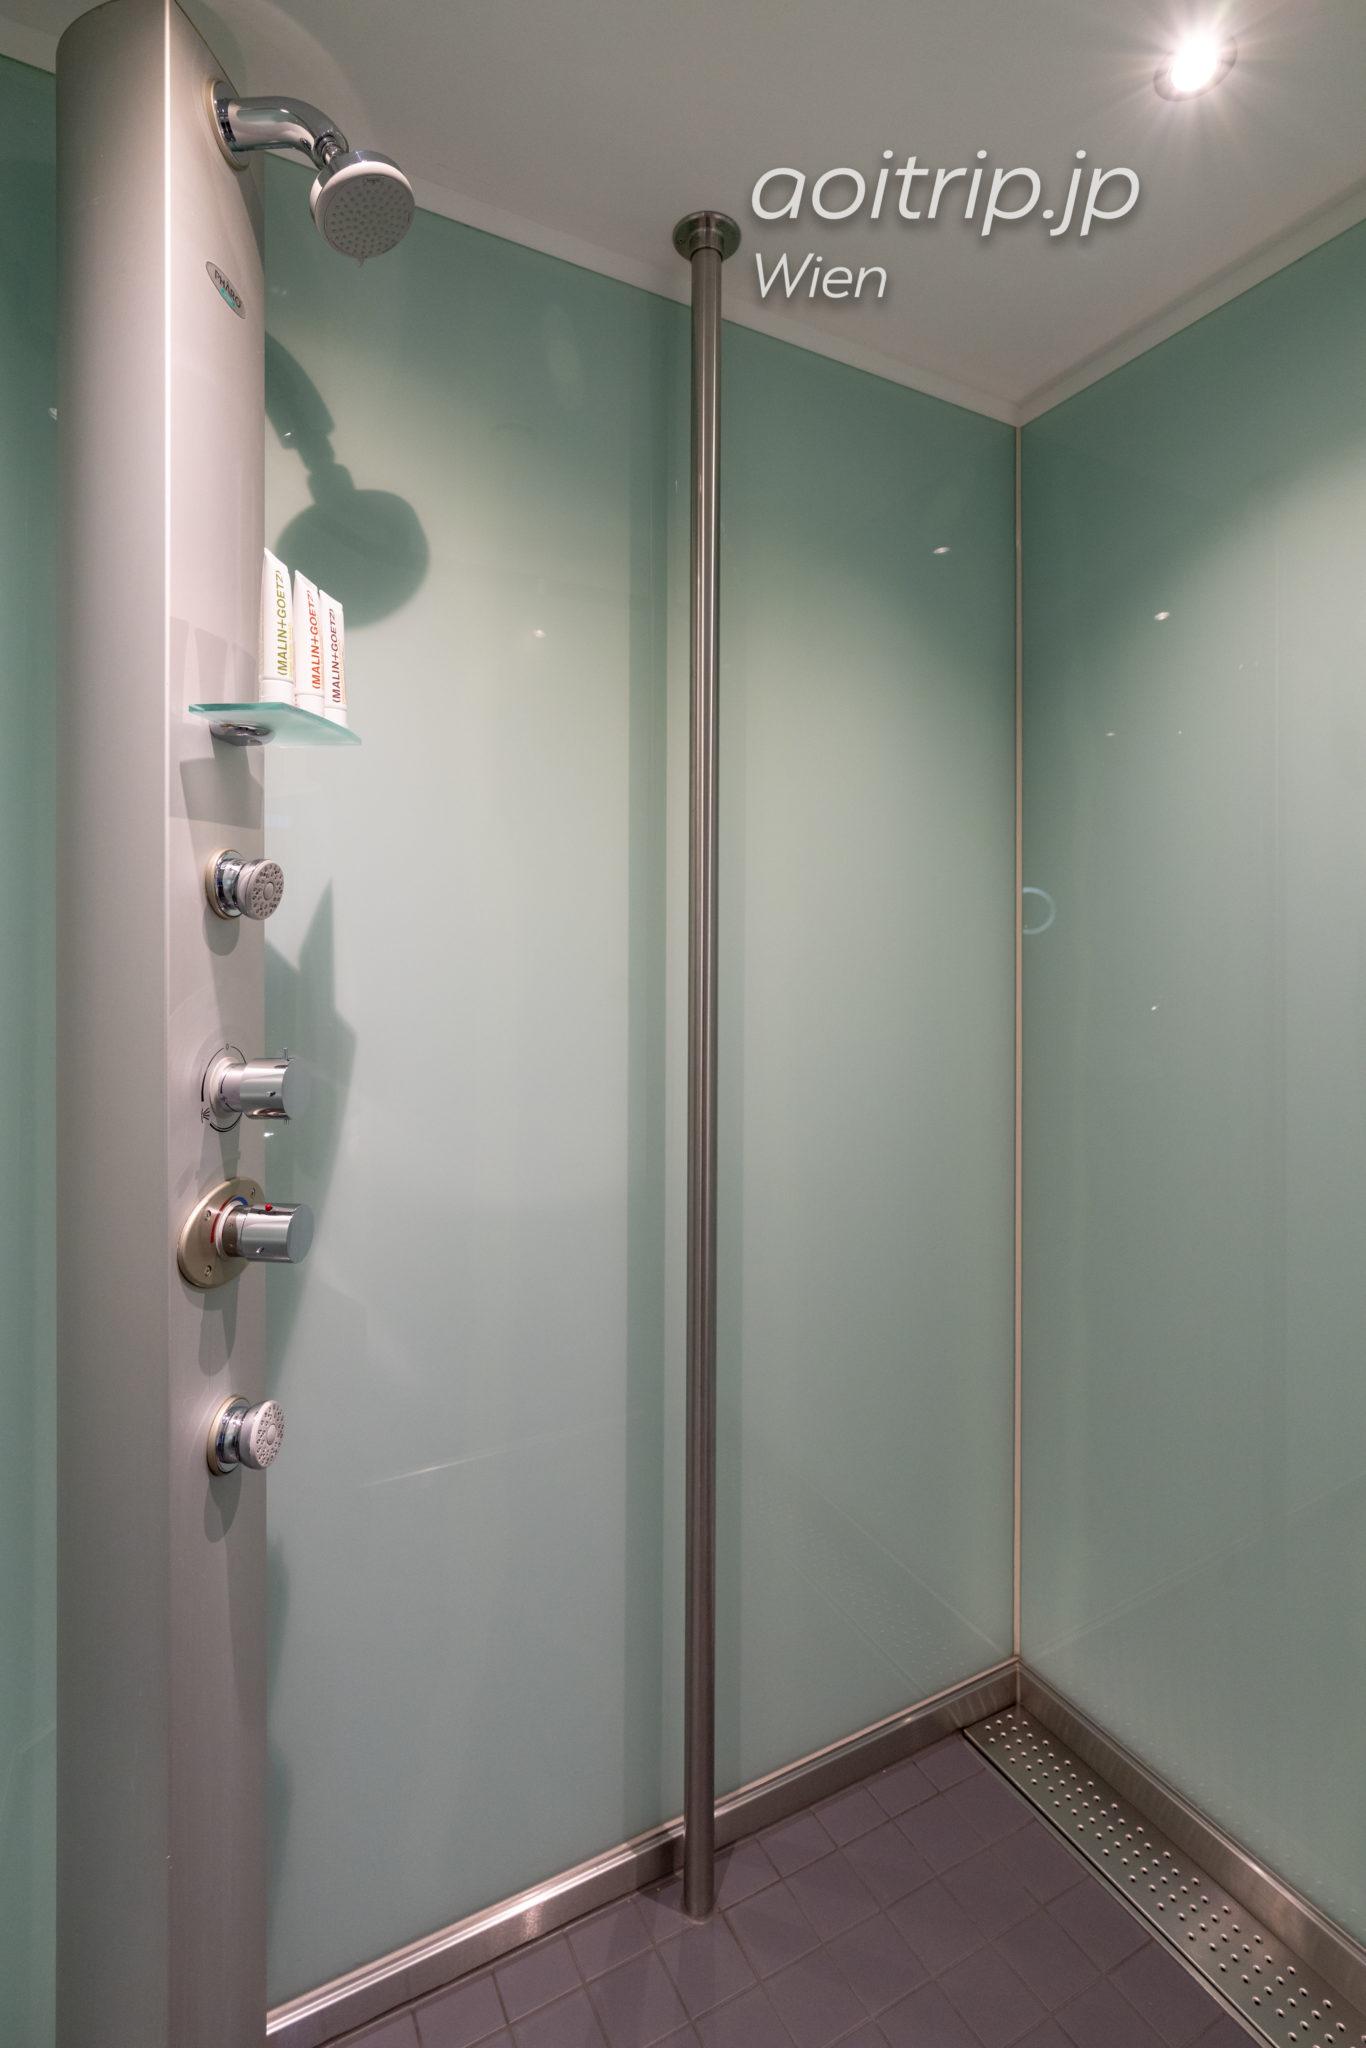 ルメリディアンウィーン ルーフトップテラススイートのバスルーム